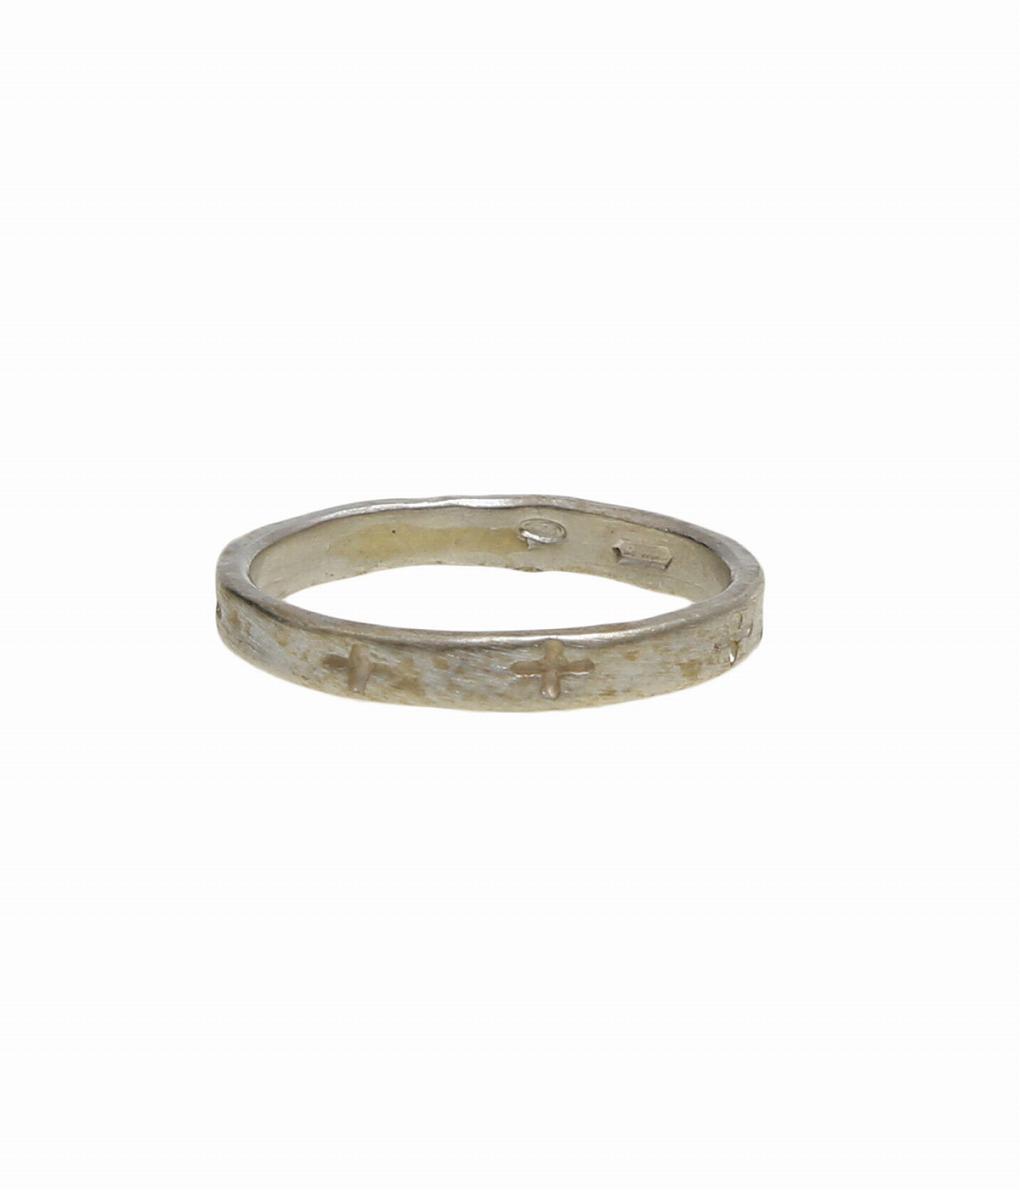 送料無料!【お買い物マラソン】【ARKnetsオータムキャンペーン開催】【正規取扱 / 3980円以上で送料無料 / 昼12時30分までの注文で即日発送】 【送料無料】m.a+ / エムエークロス : thin carved crosses ring : スィン カーヴ クロス リング 指輪 アクセサリー ヴィンテージライク 細身 上品 メンズ : AG801【RIP】